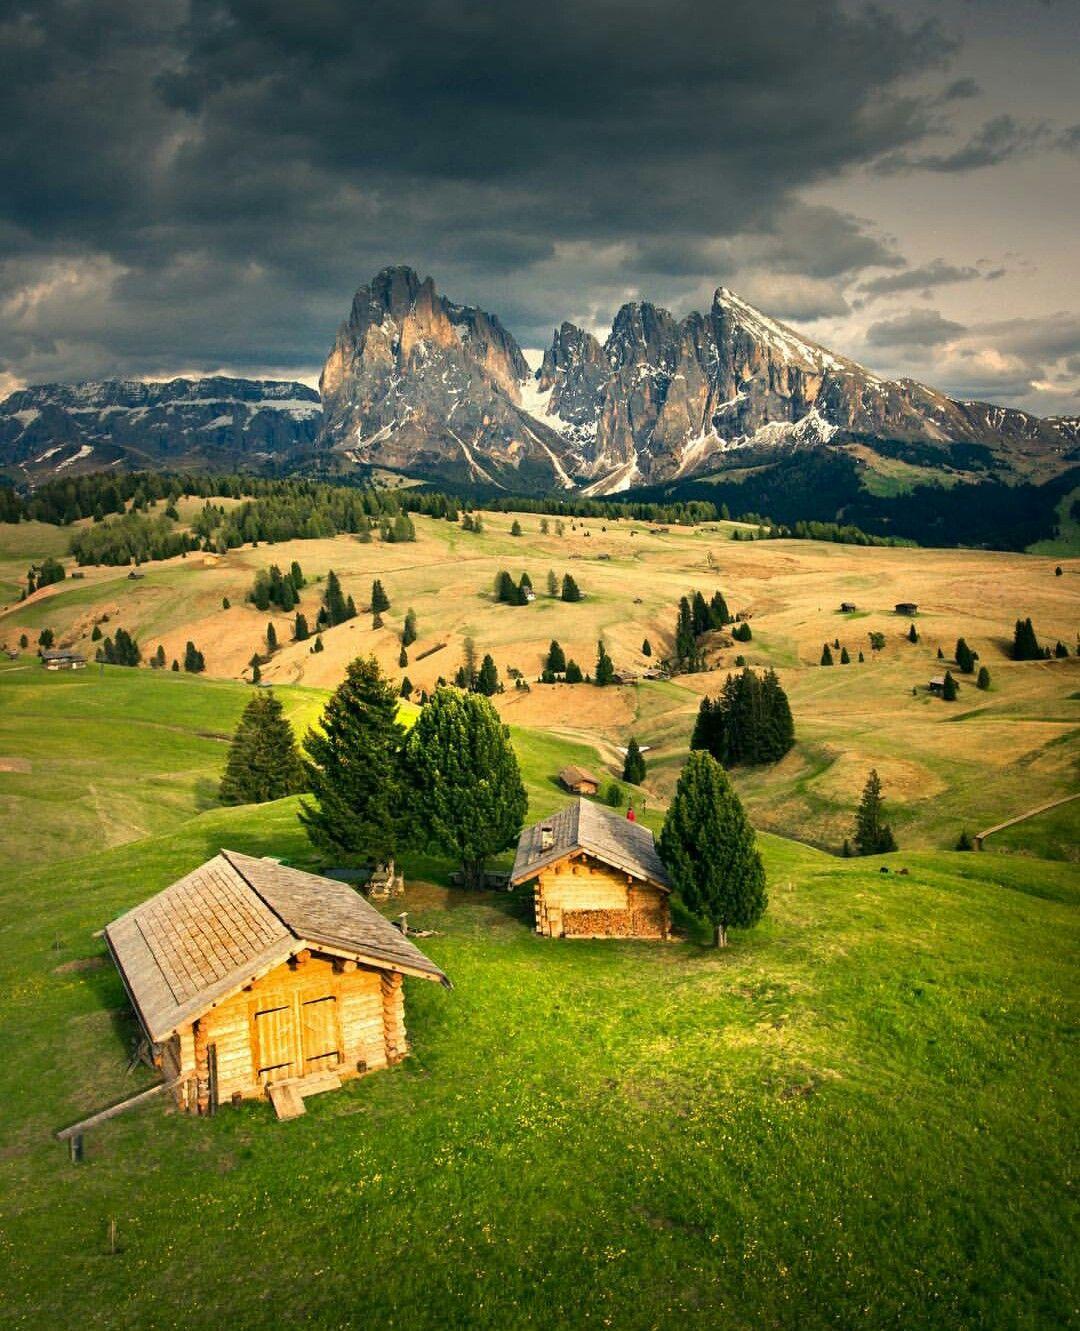 Domolite Mountains Italy